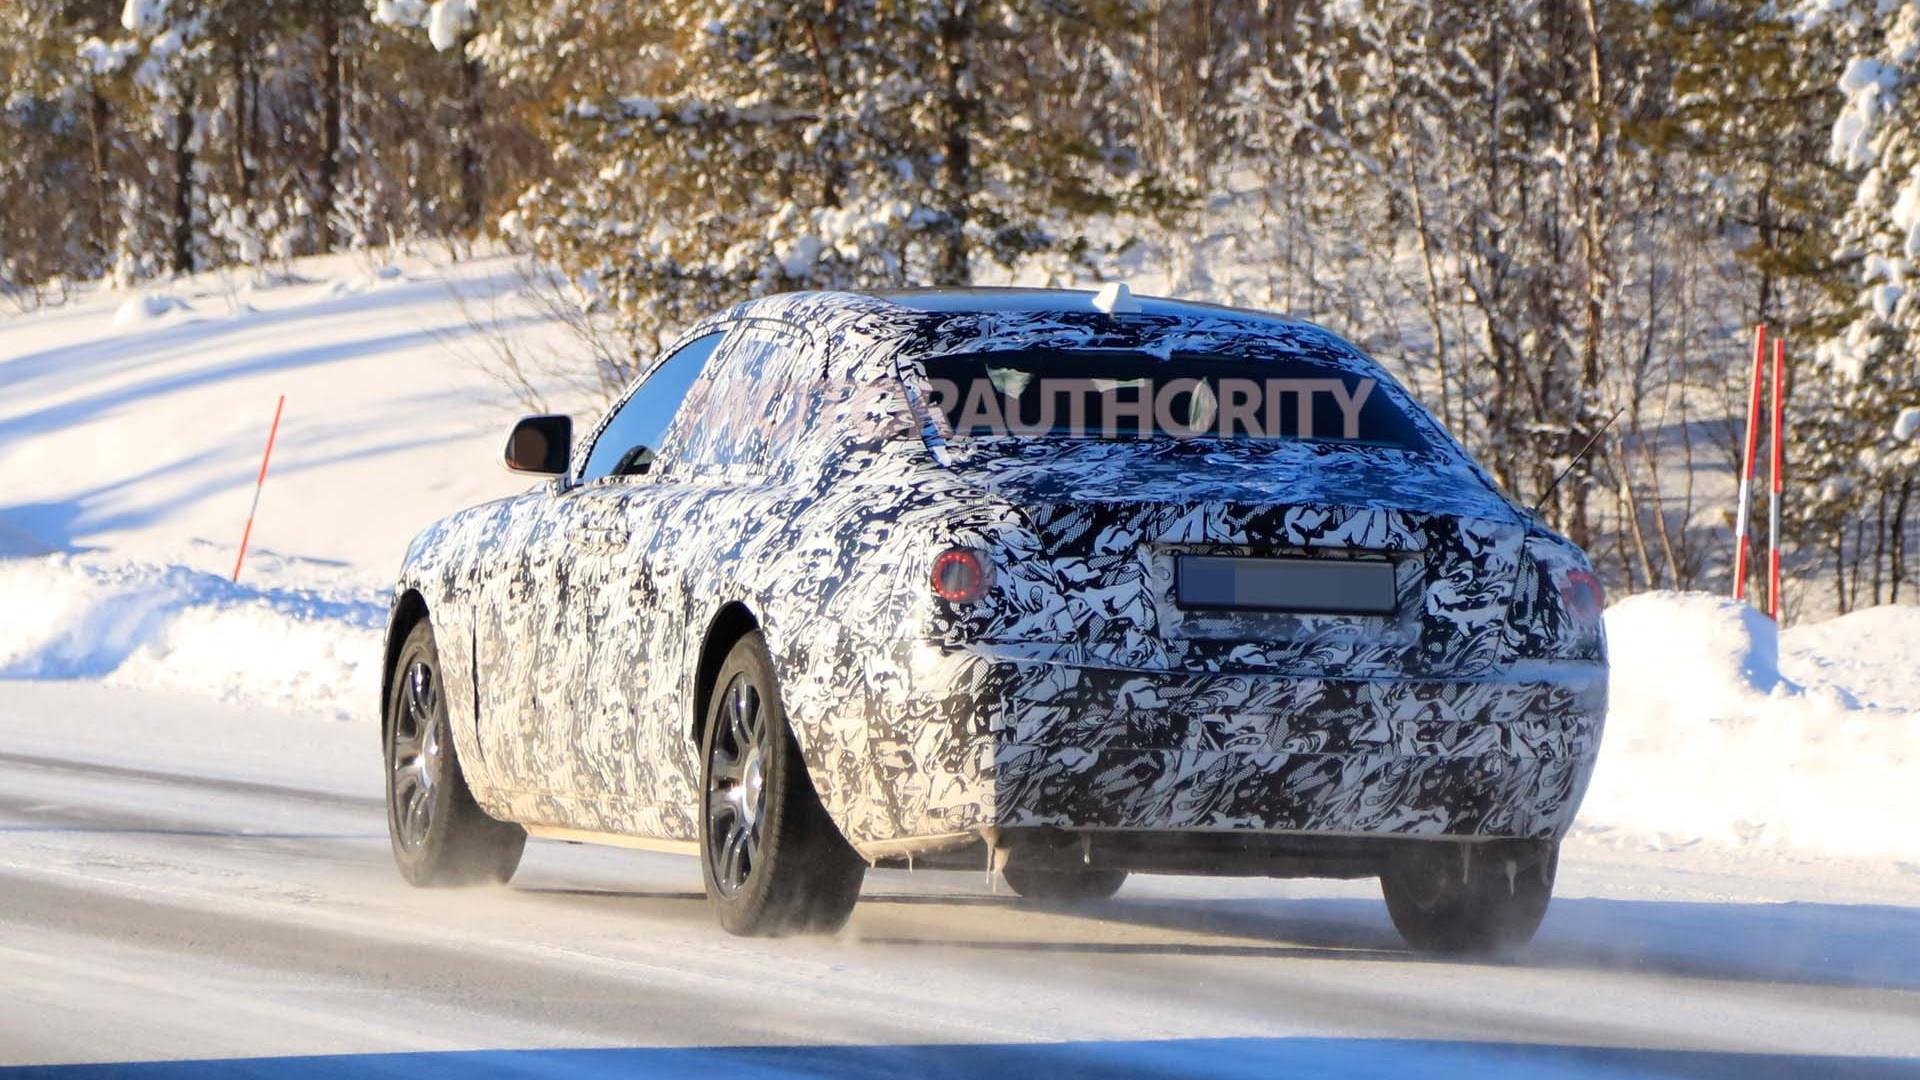 2021 Rolls-Royce Ghost spy shots